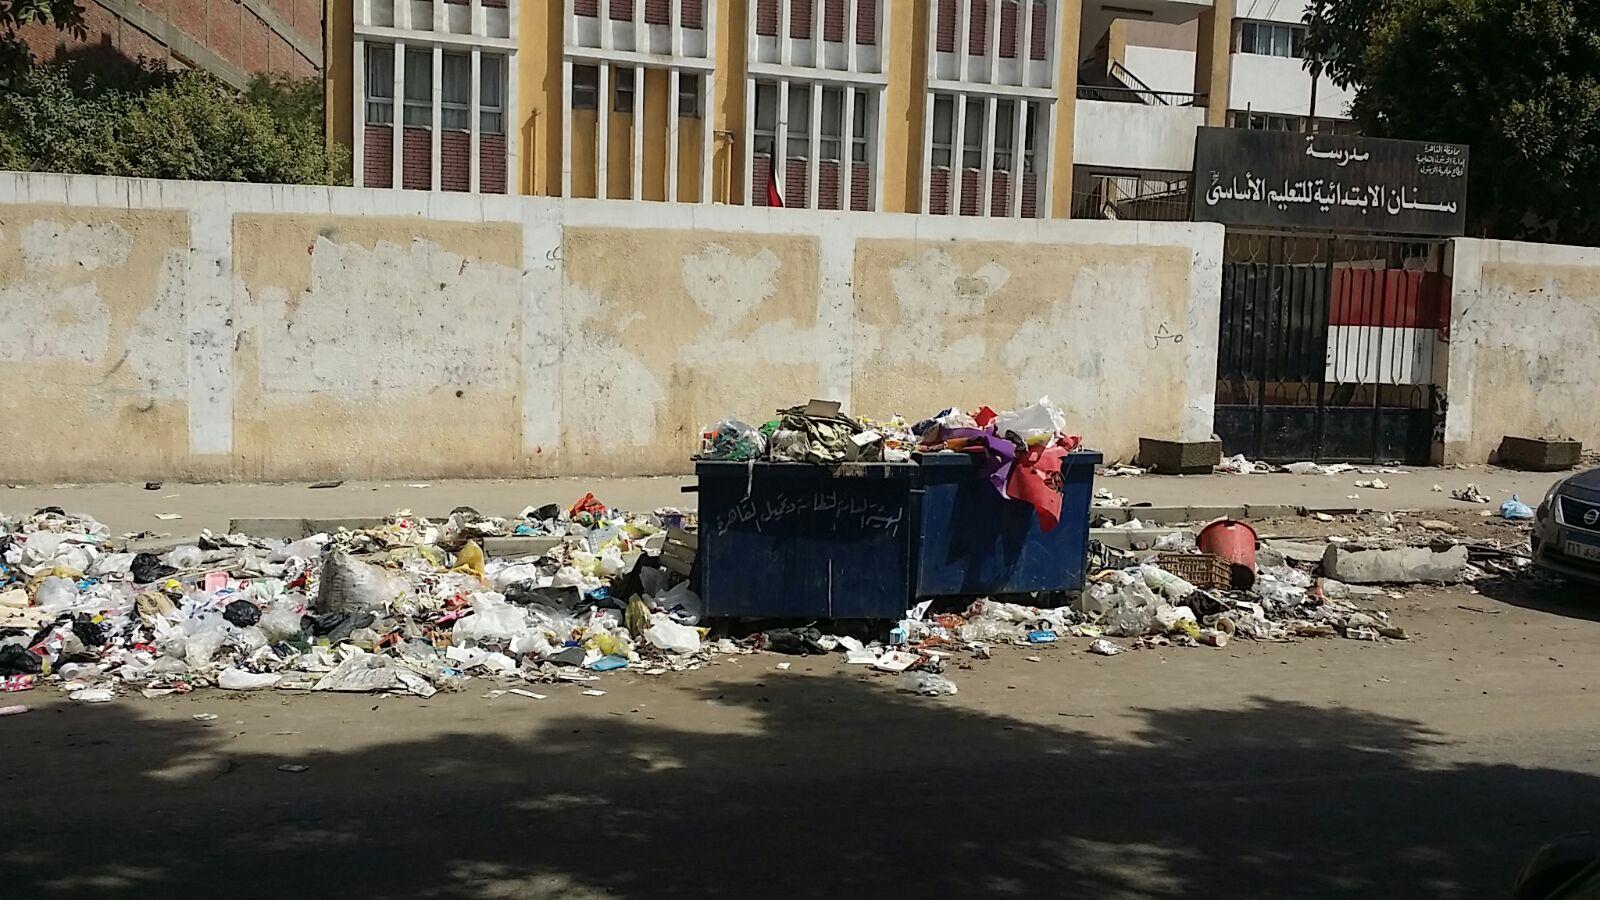 تراكم القمامة أمام كنيسة ومدرسة في حي الزيتون